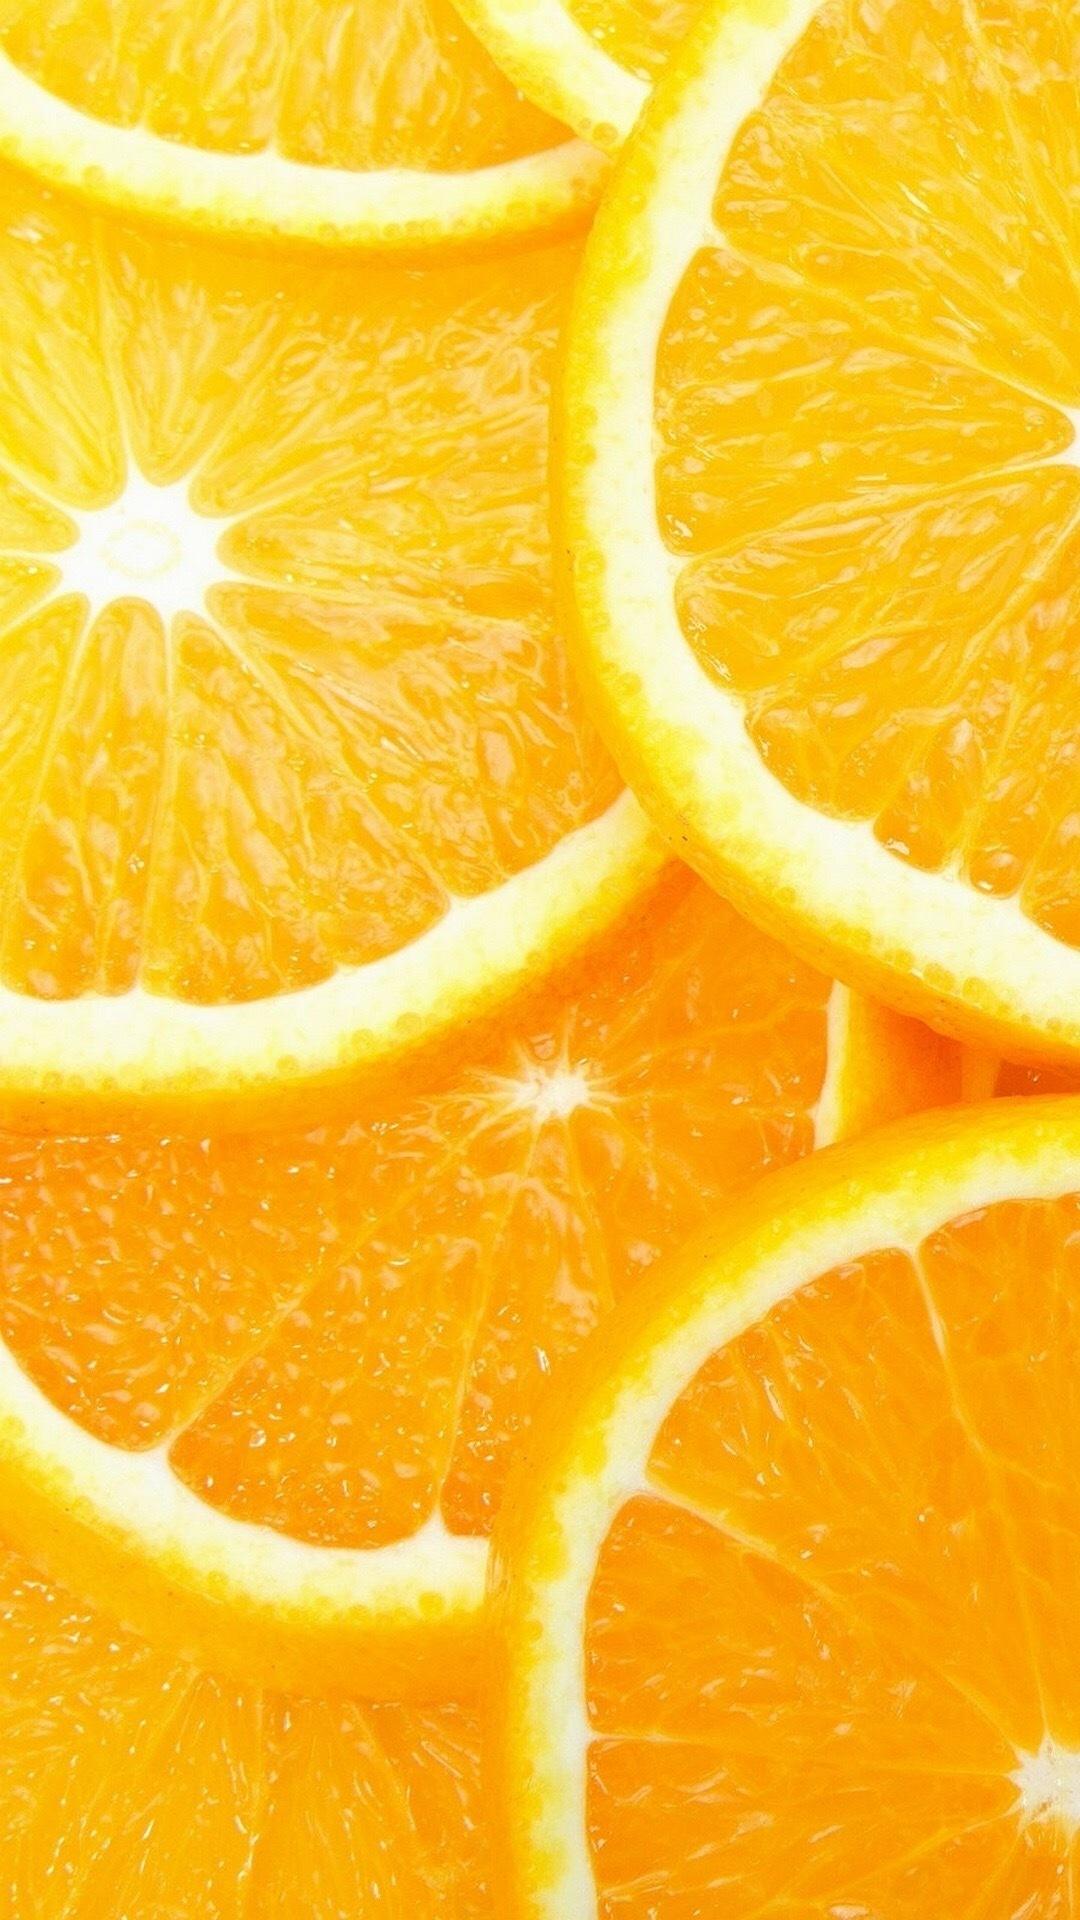 橘子香水儿童睡前故事